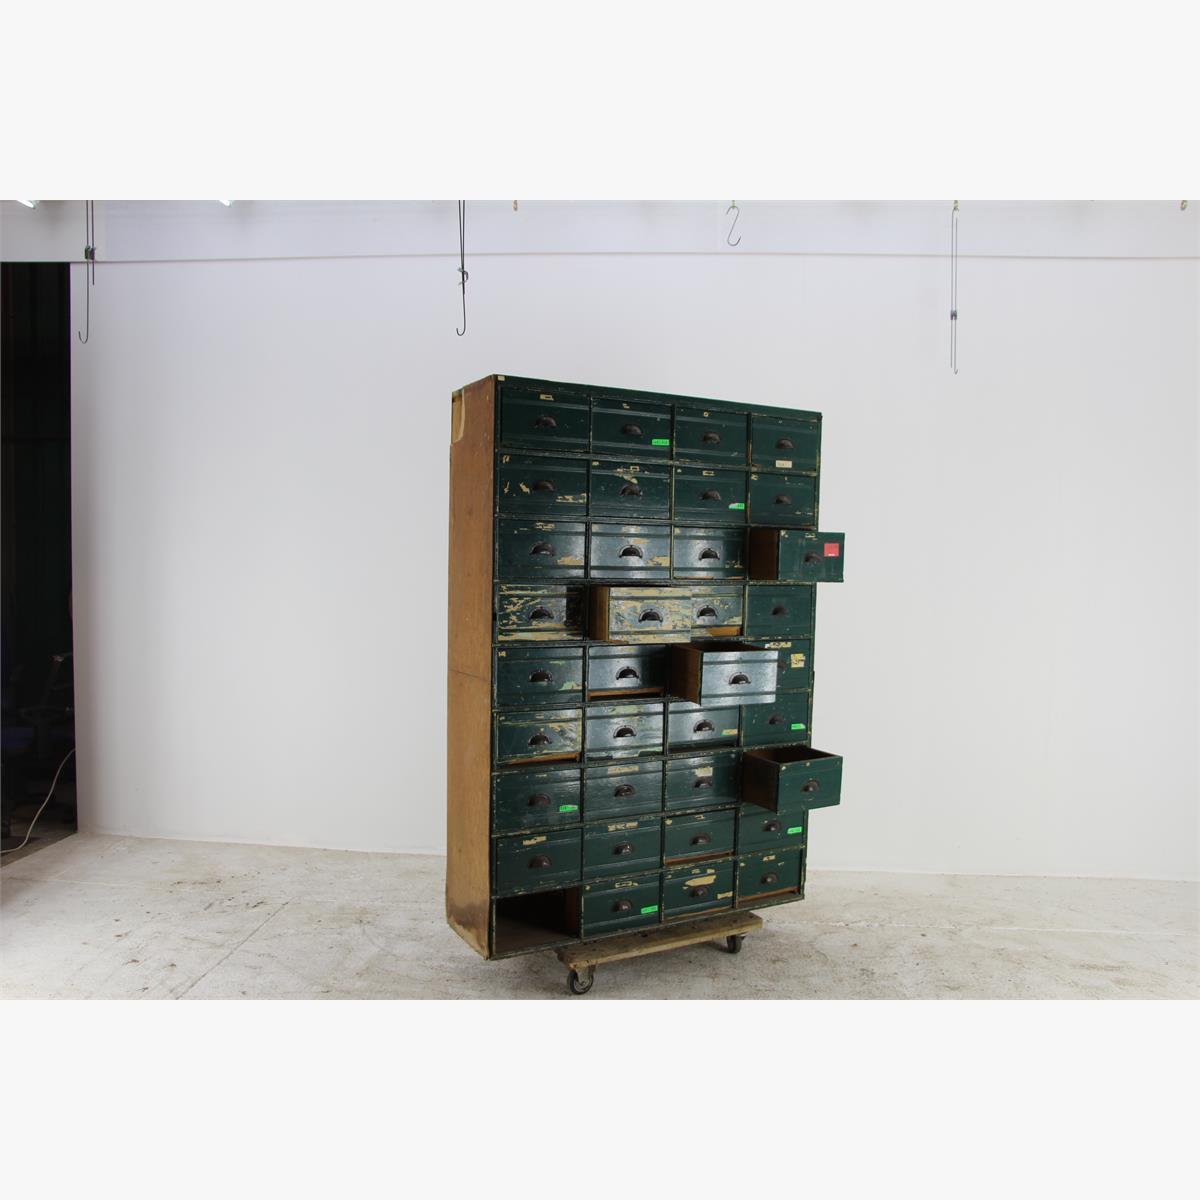 Afbeeldingen van authentieke vakkenkast voor loft,horeca,winkel